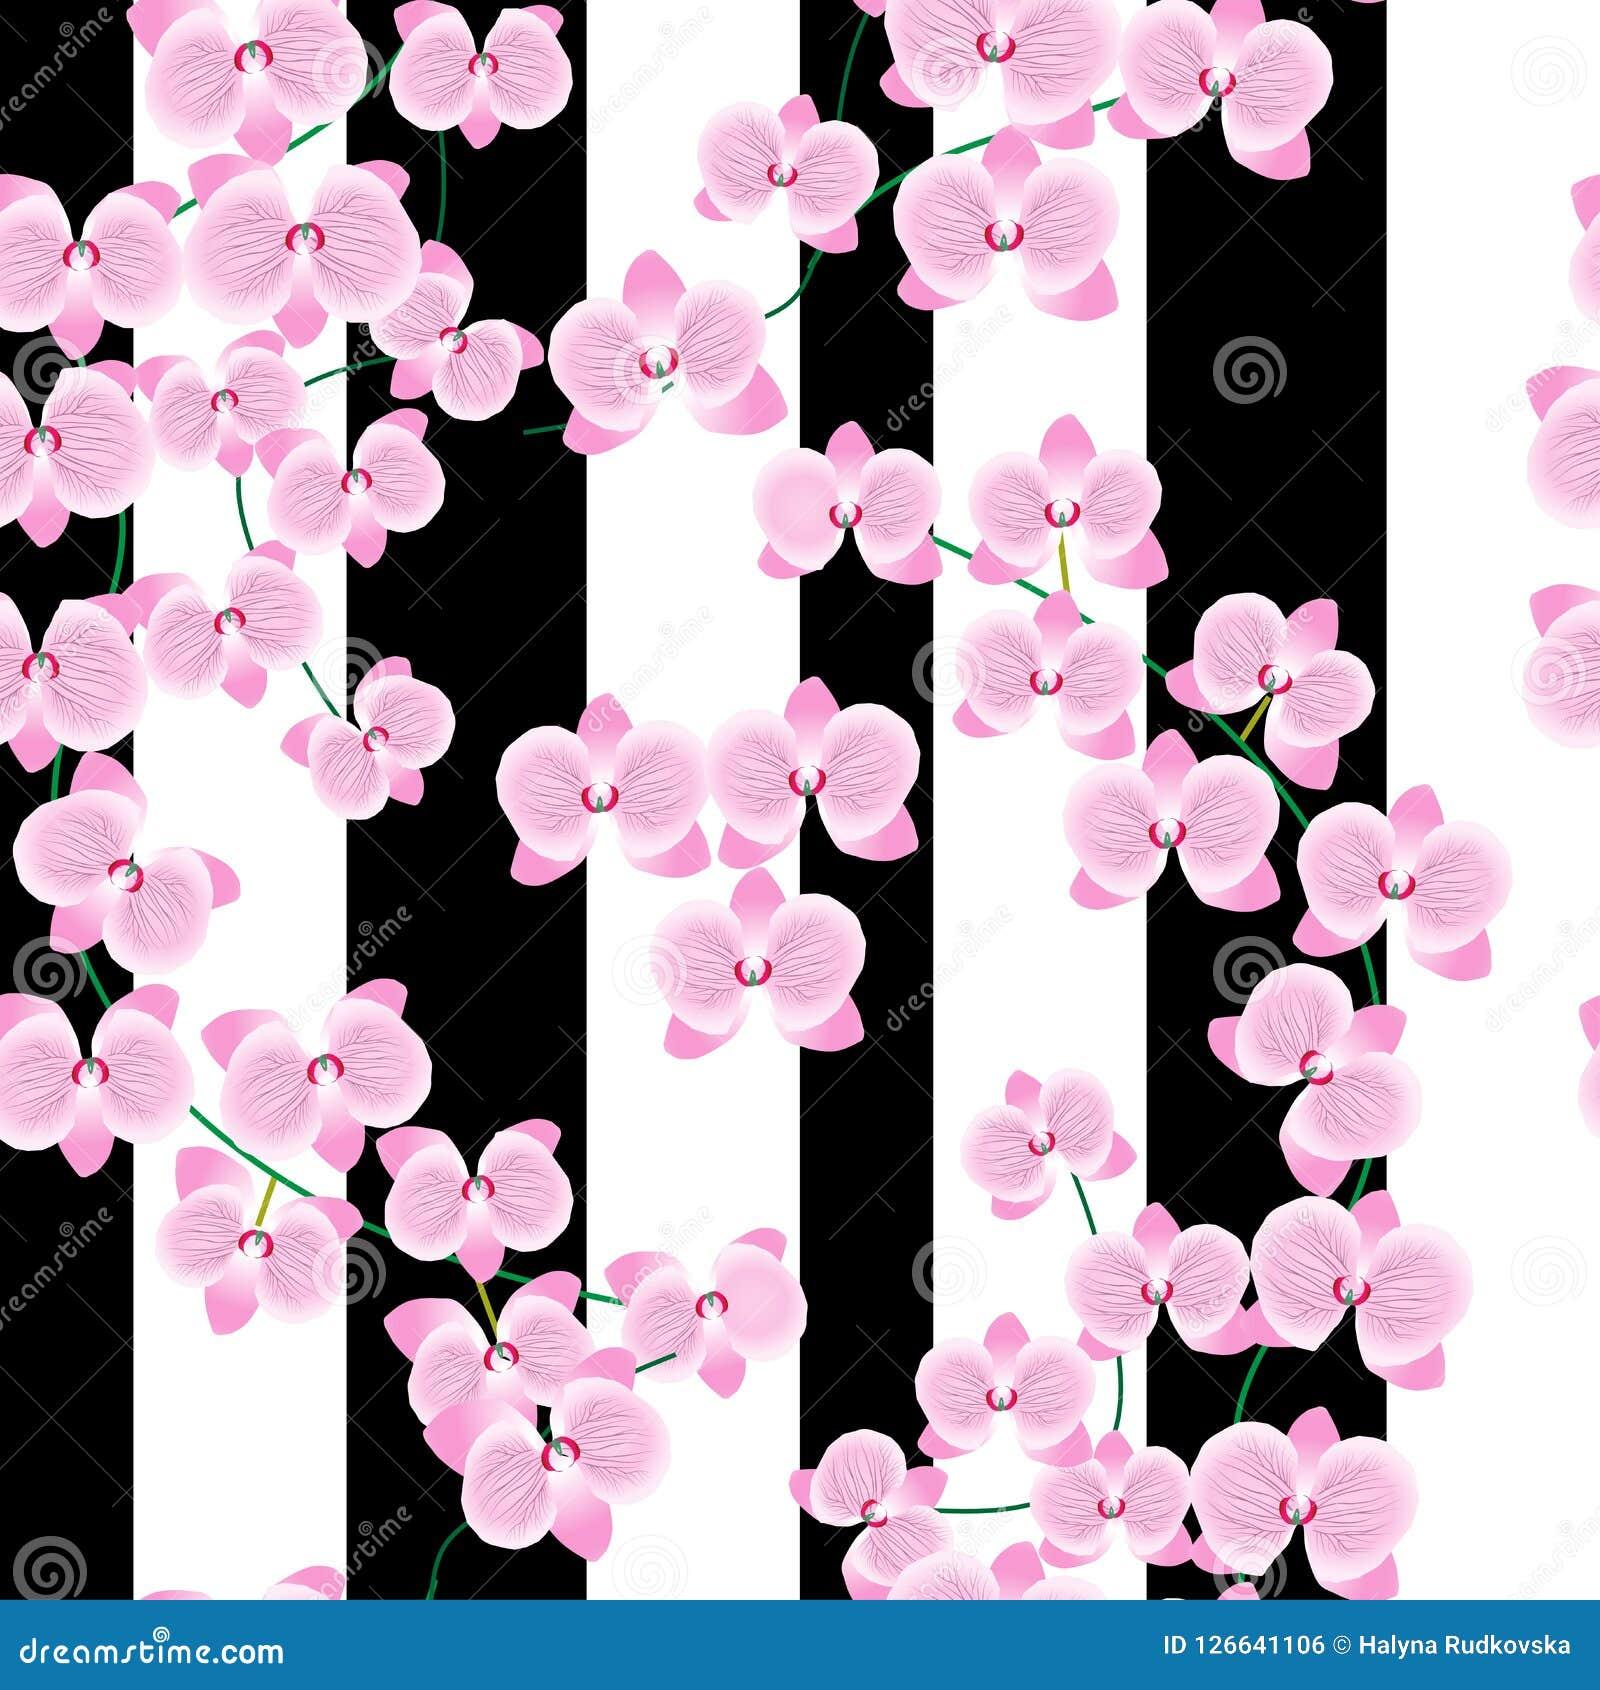 Die Niederlassungen einer schönen rosa Orchidee auf einem hellen Hintergrund mit breiten lila Streifen Nahtloses Muster